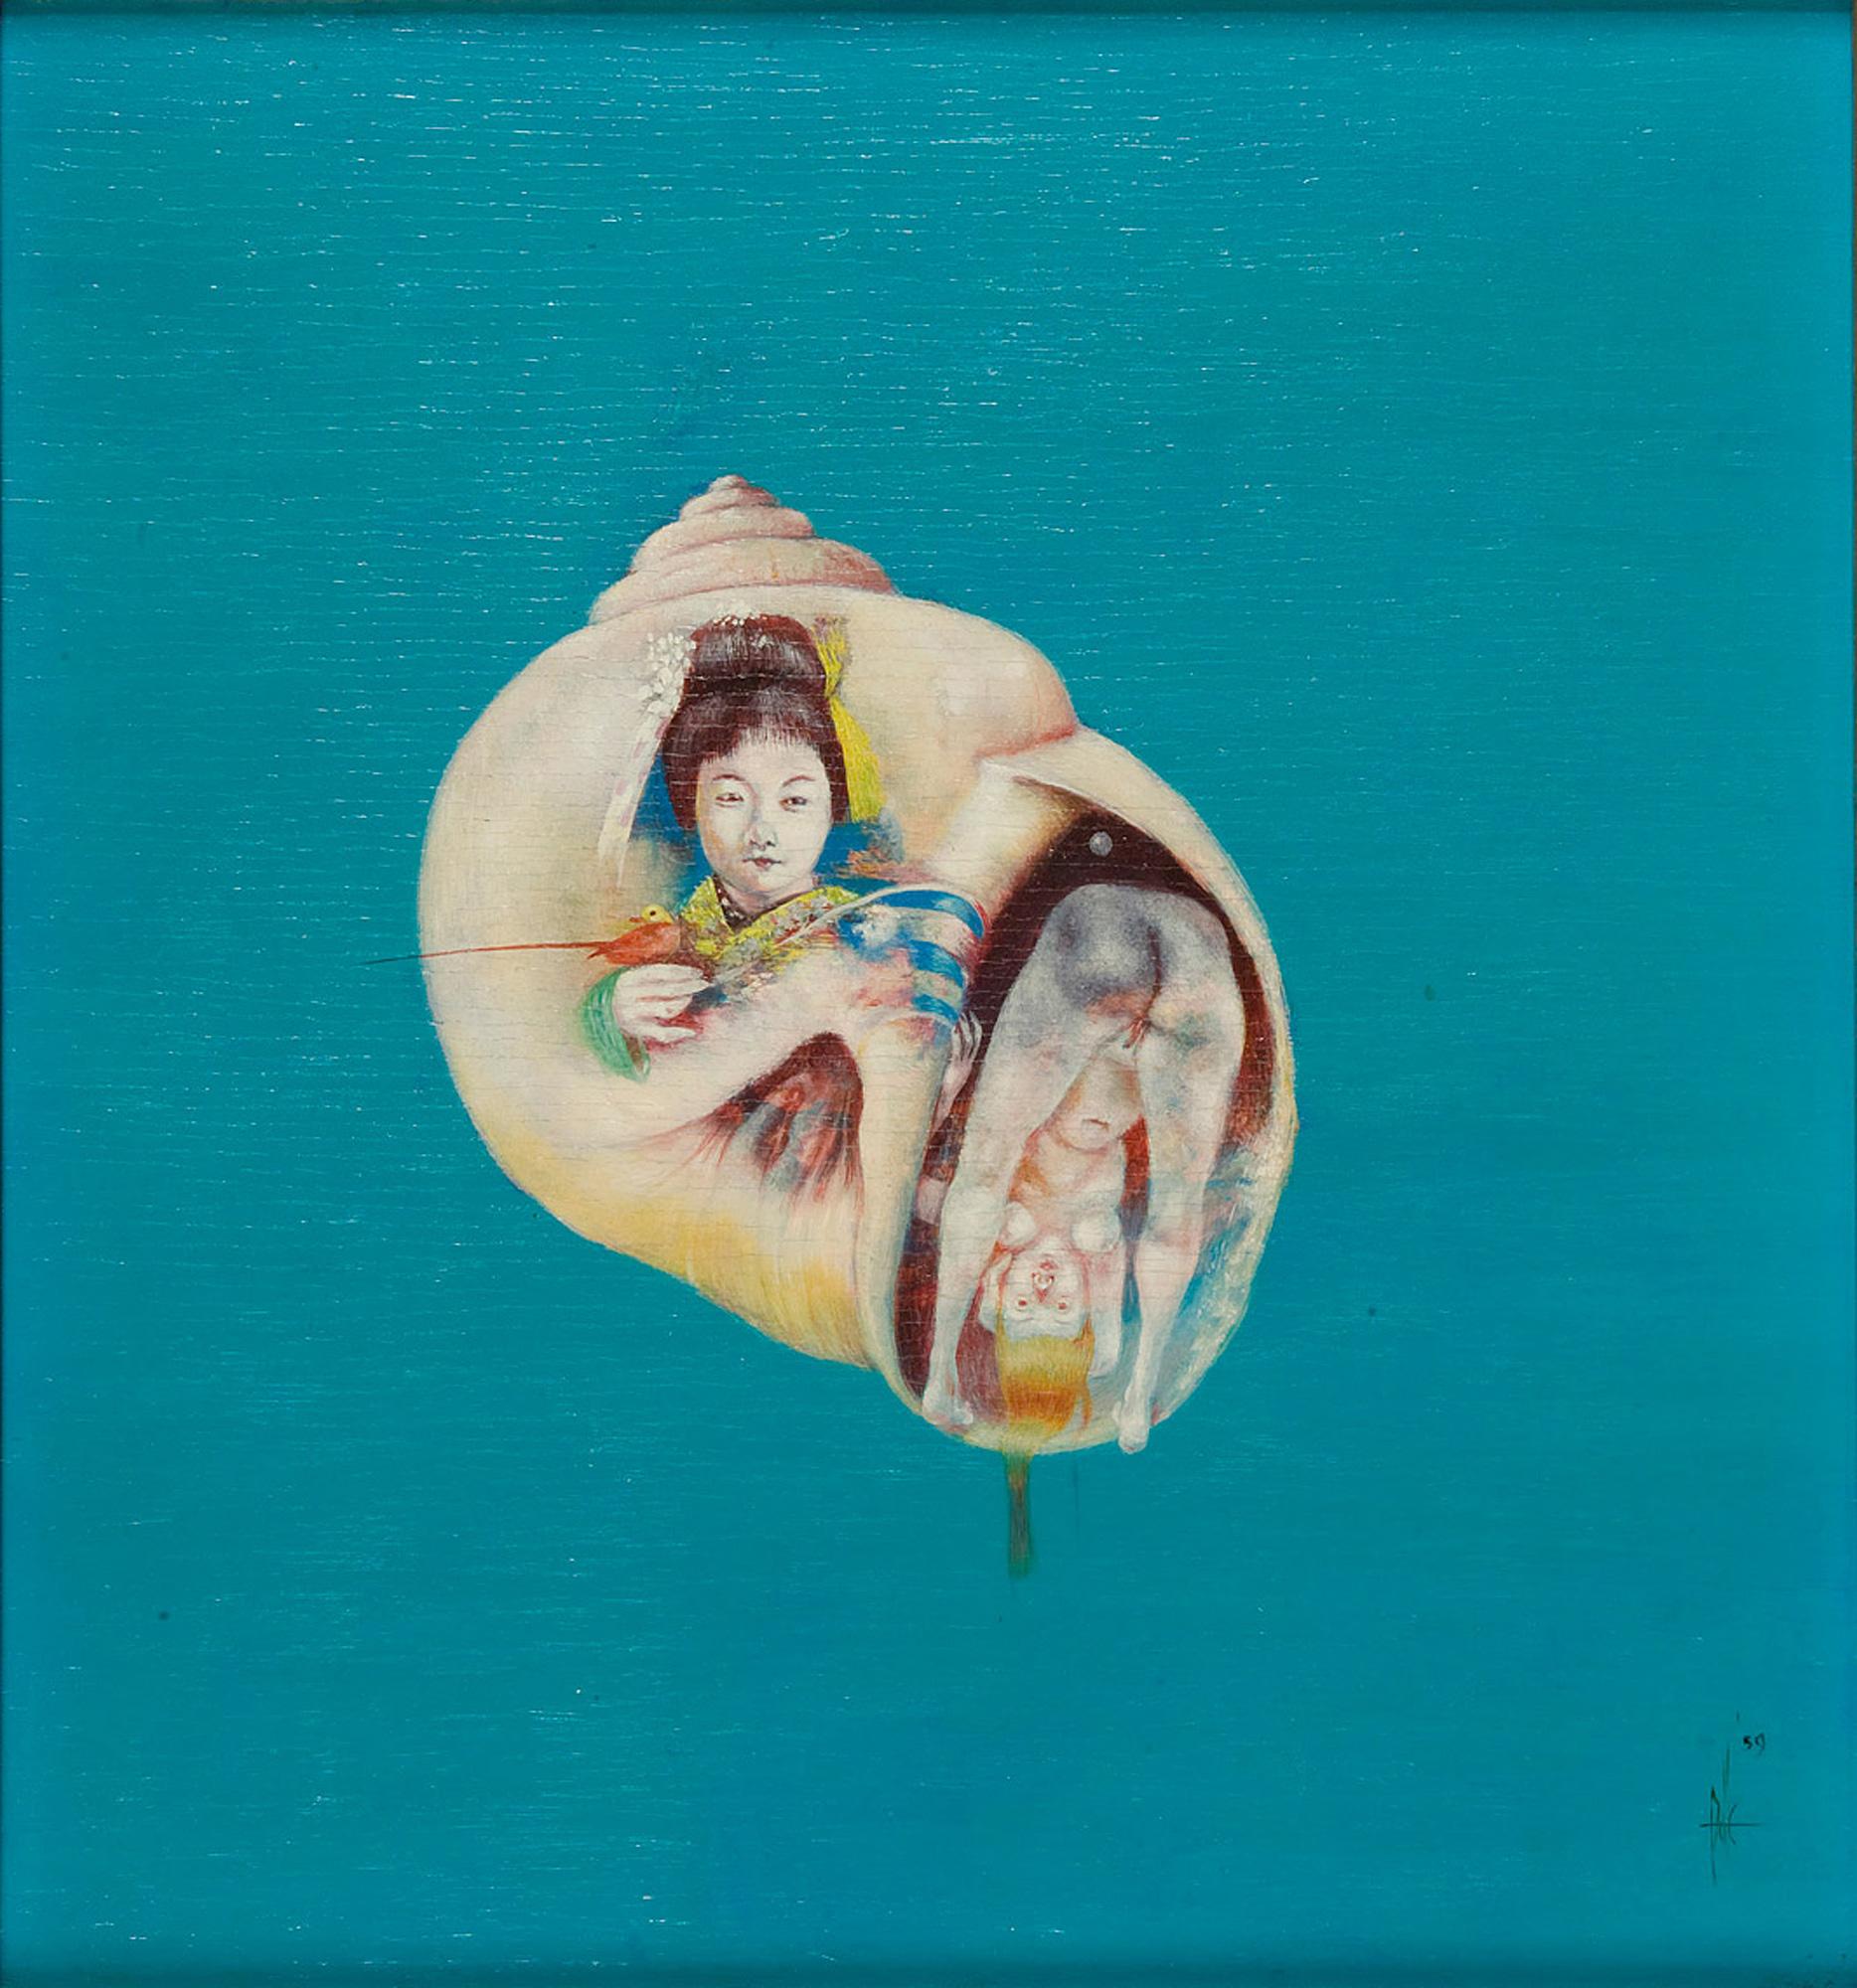 Melle schilder   Astroide, olieverf op paneel